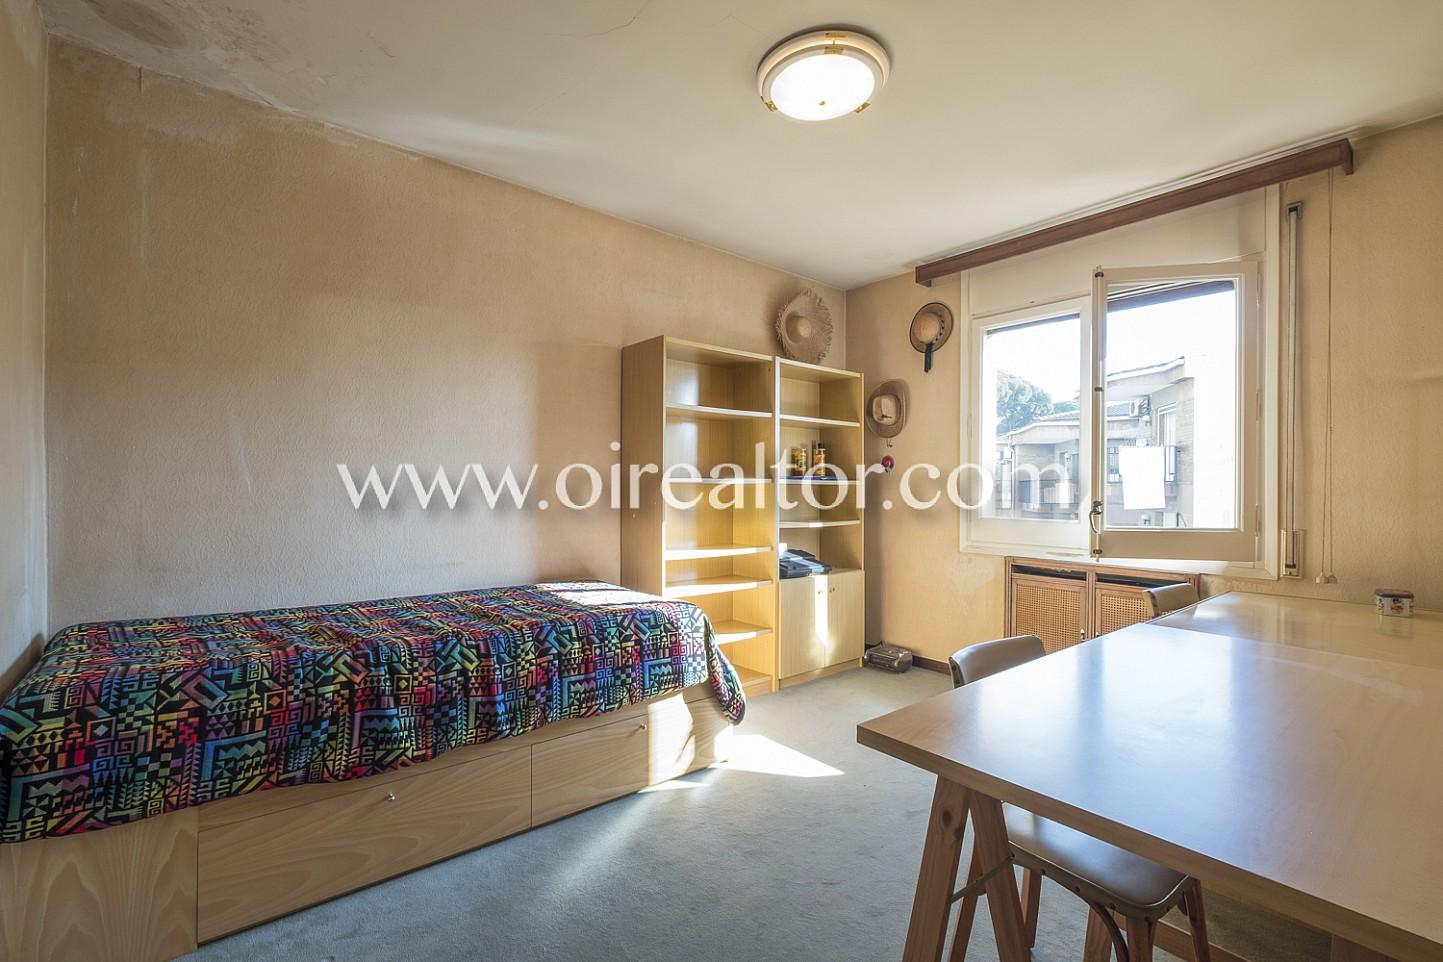 habitación simple, cama simple, cama, dormitorio, dormitorio simple, dormitorio luminoso, luminoso, soleado